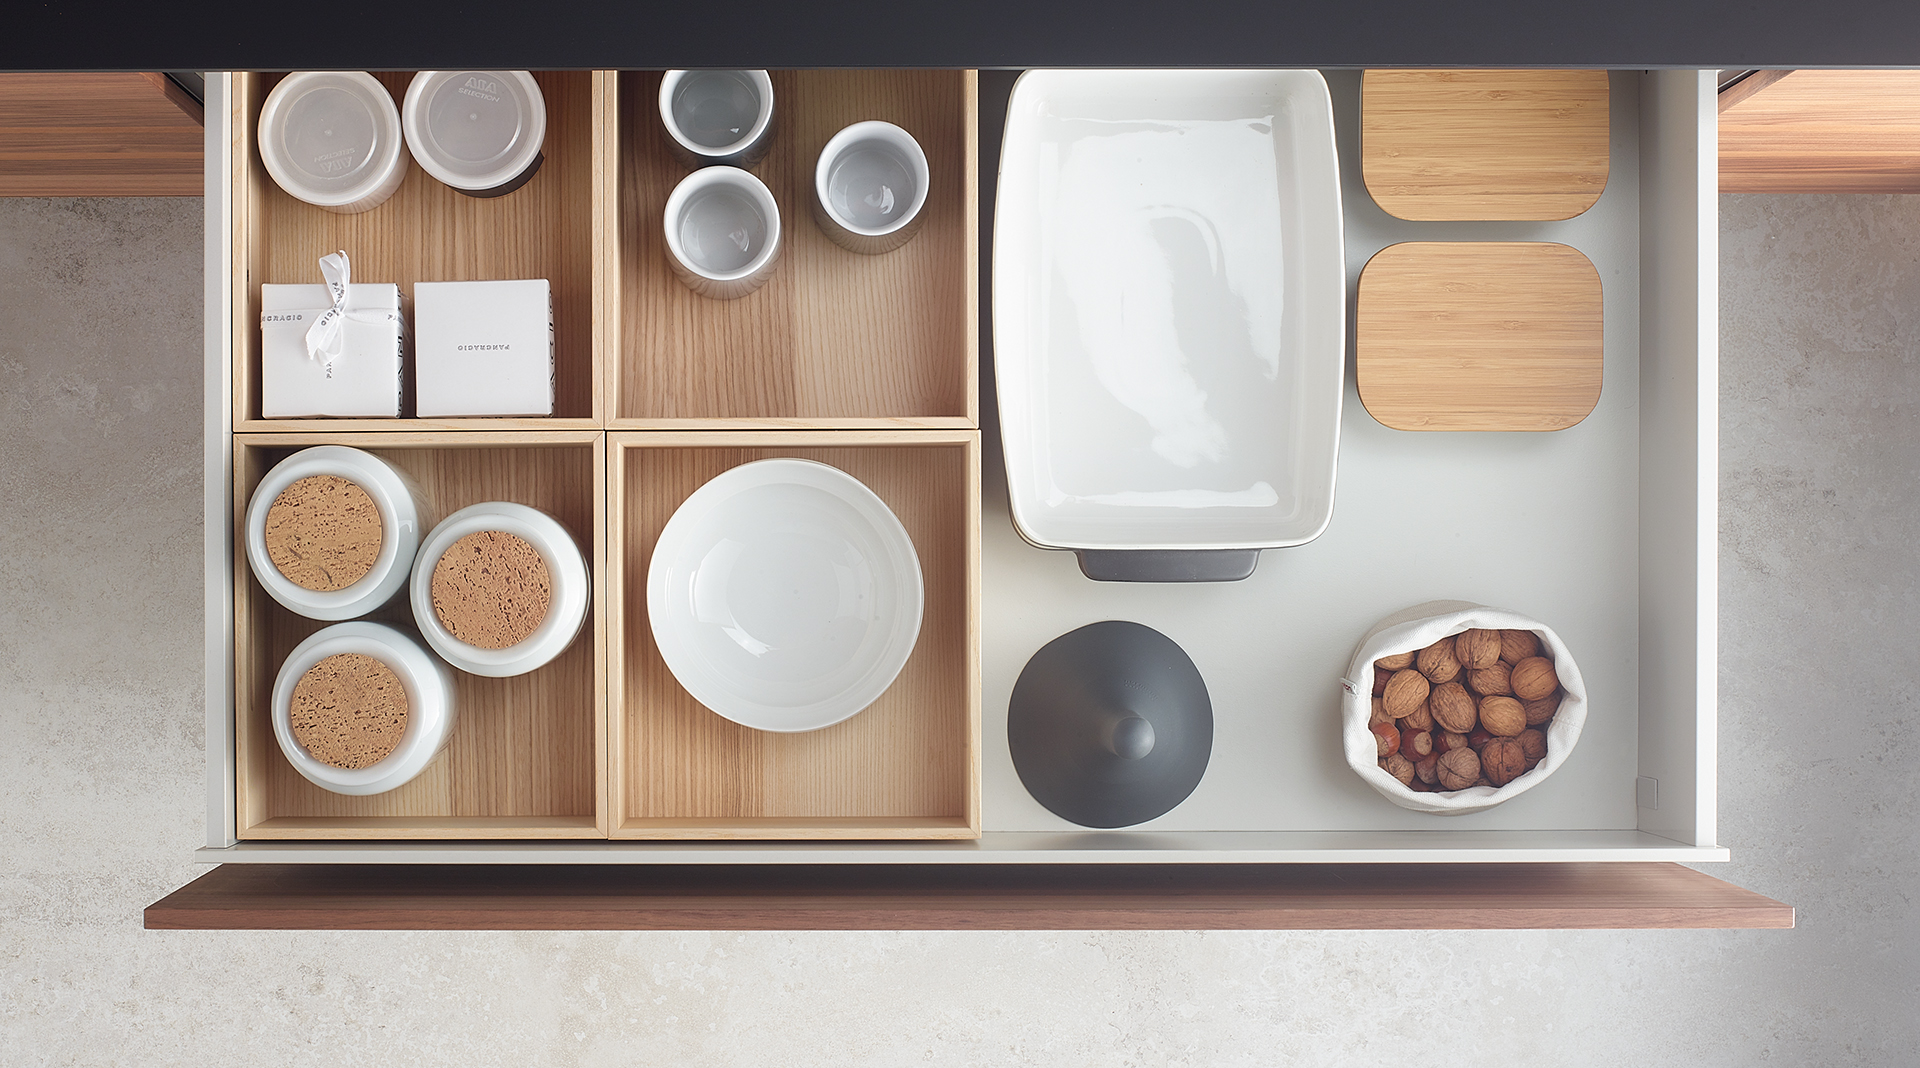 tipo gaveta de cocina